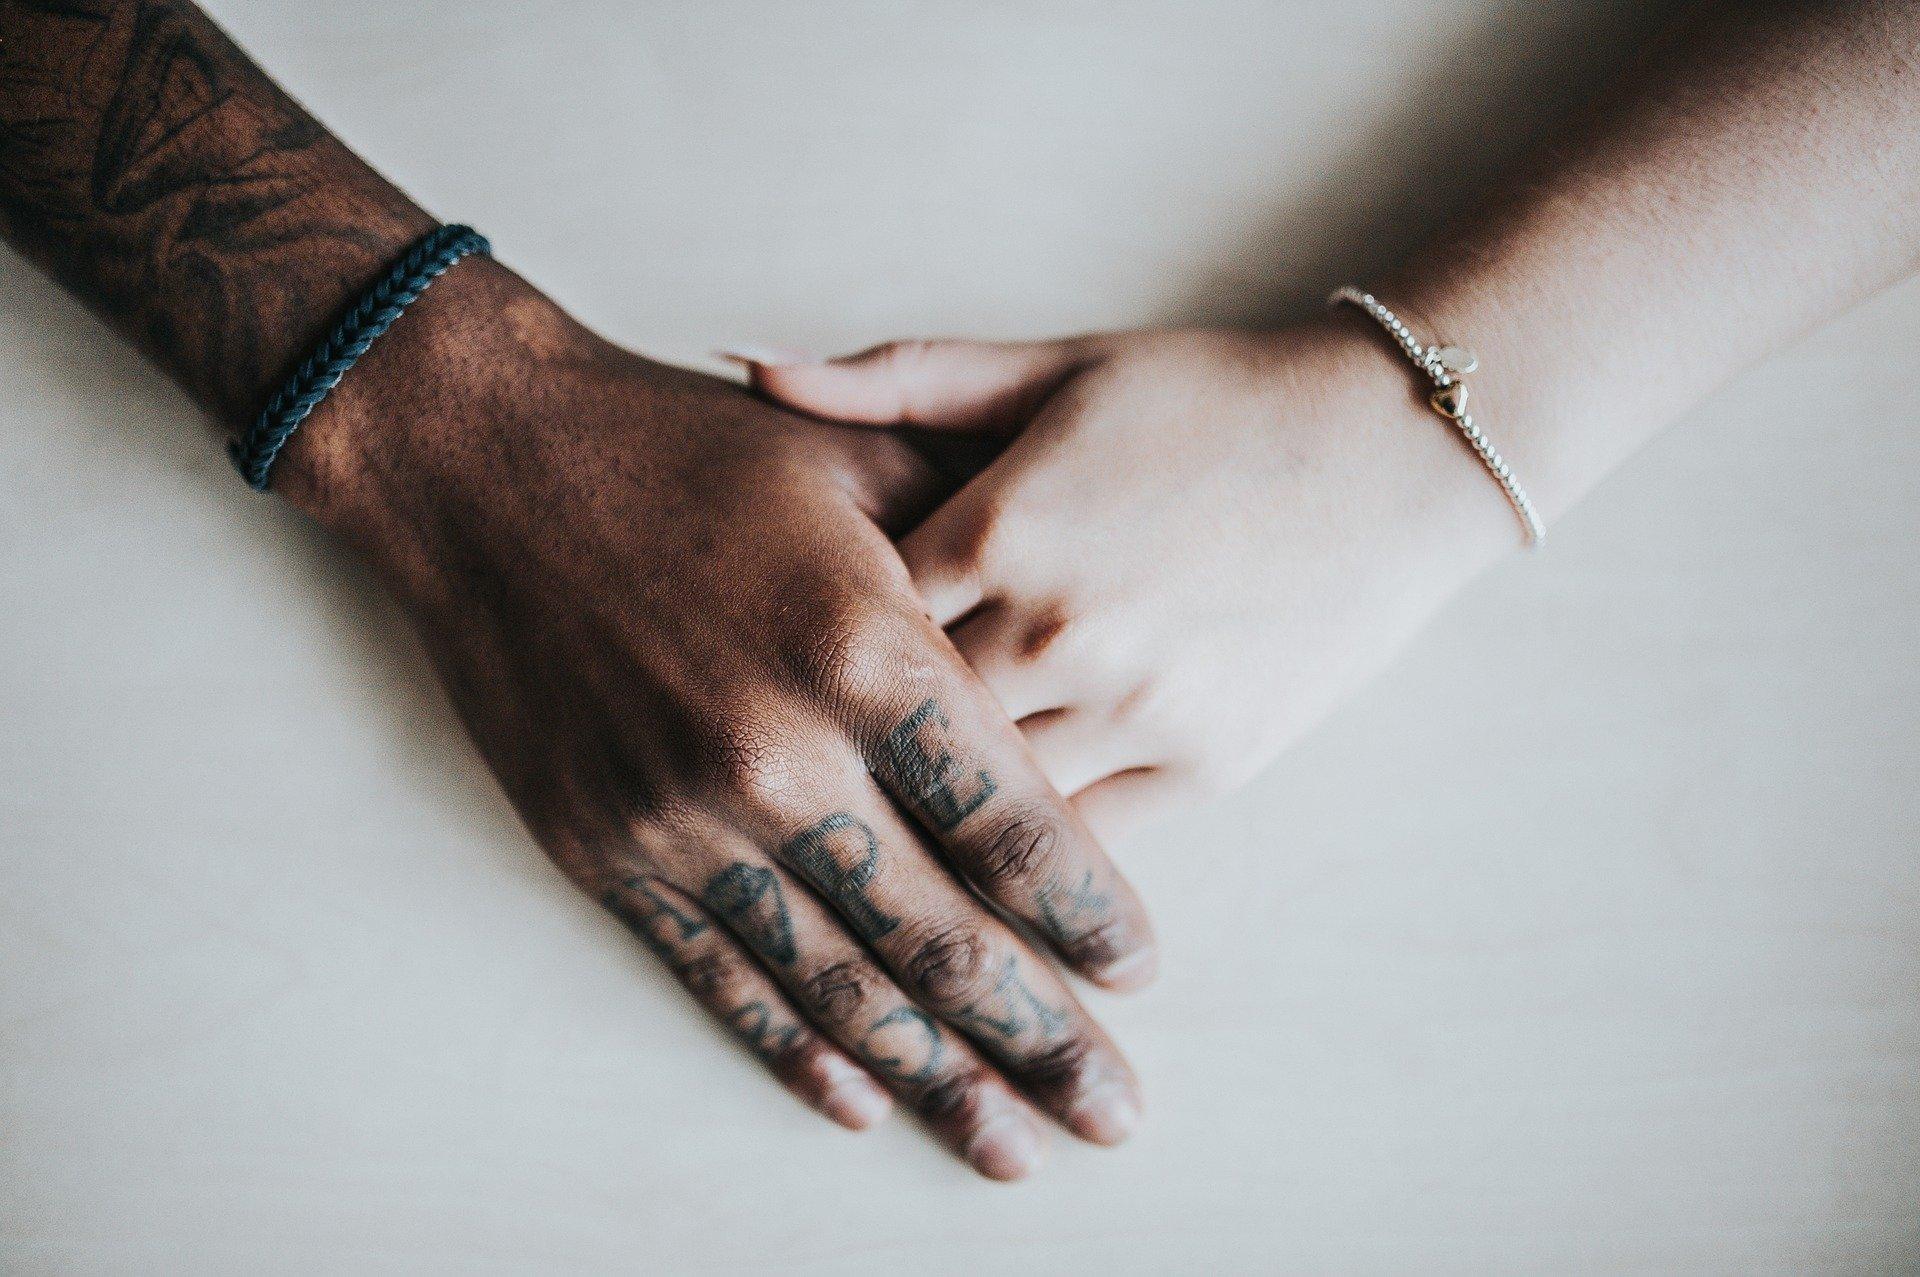 Il miglior bracciale da uomo || Guida all'acquisto e scelta dei migliori - Immagine in evidenza